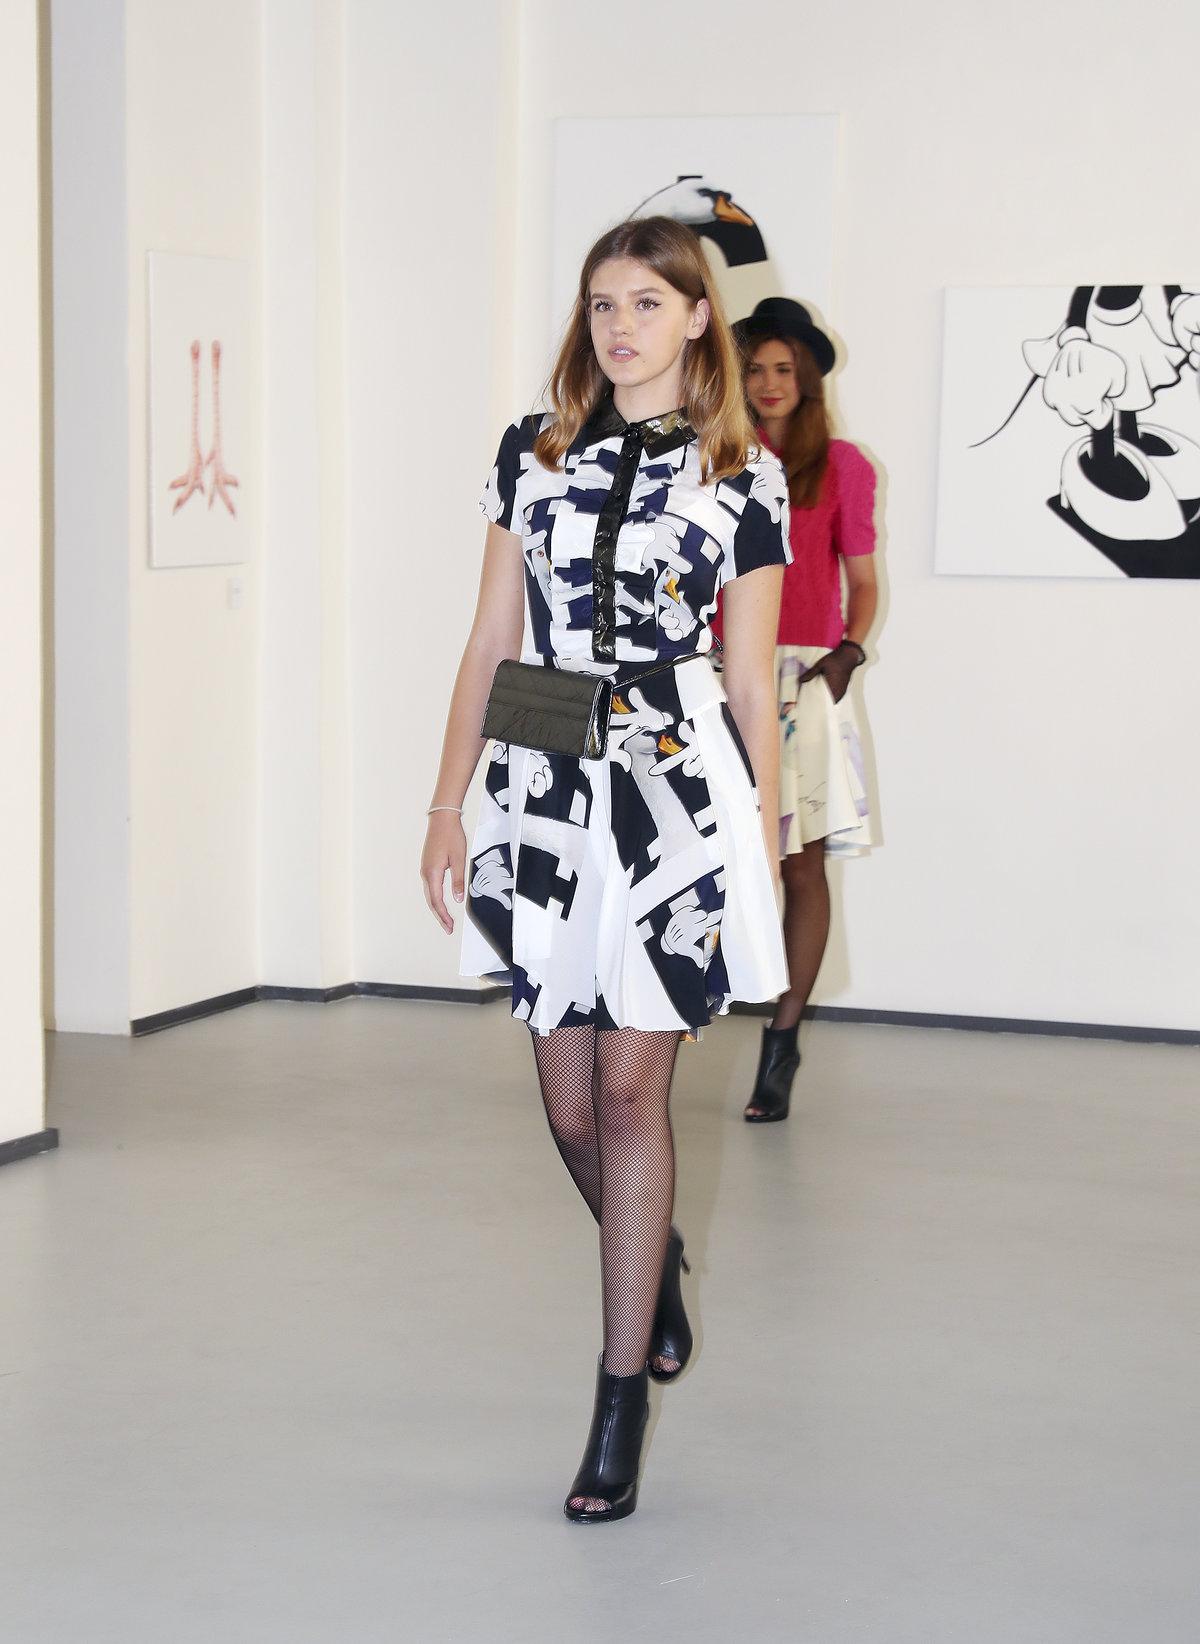 Dcera Ivy Kubelkové absolvovala svou první módní přehlídku